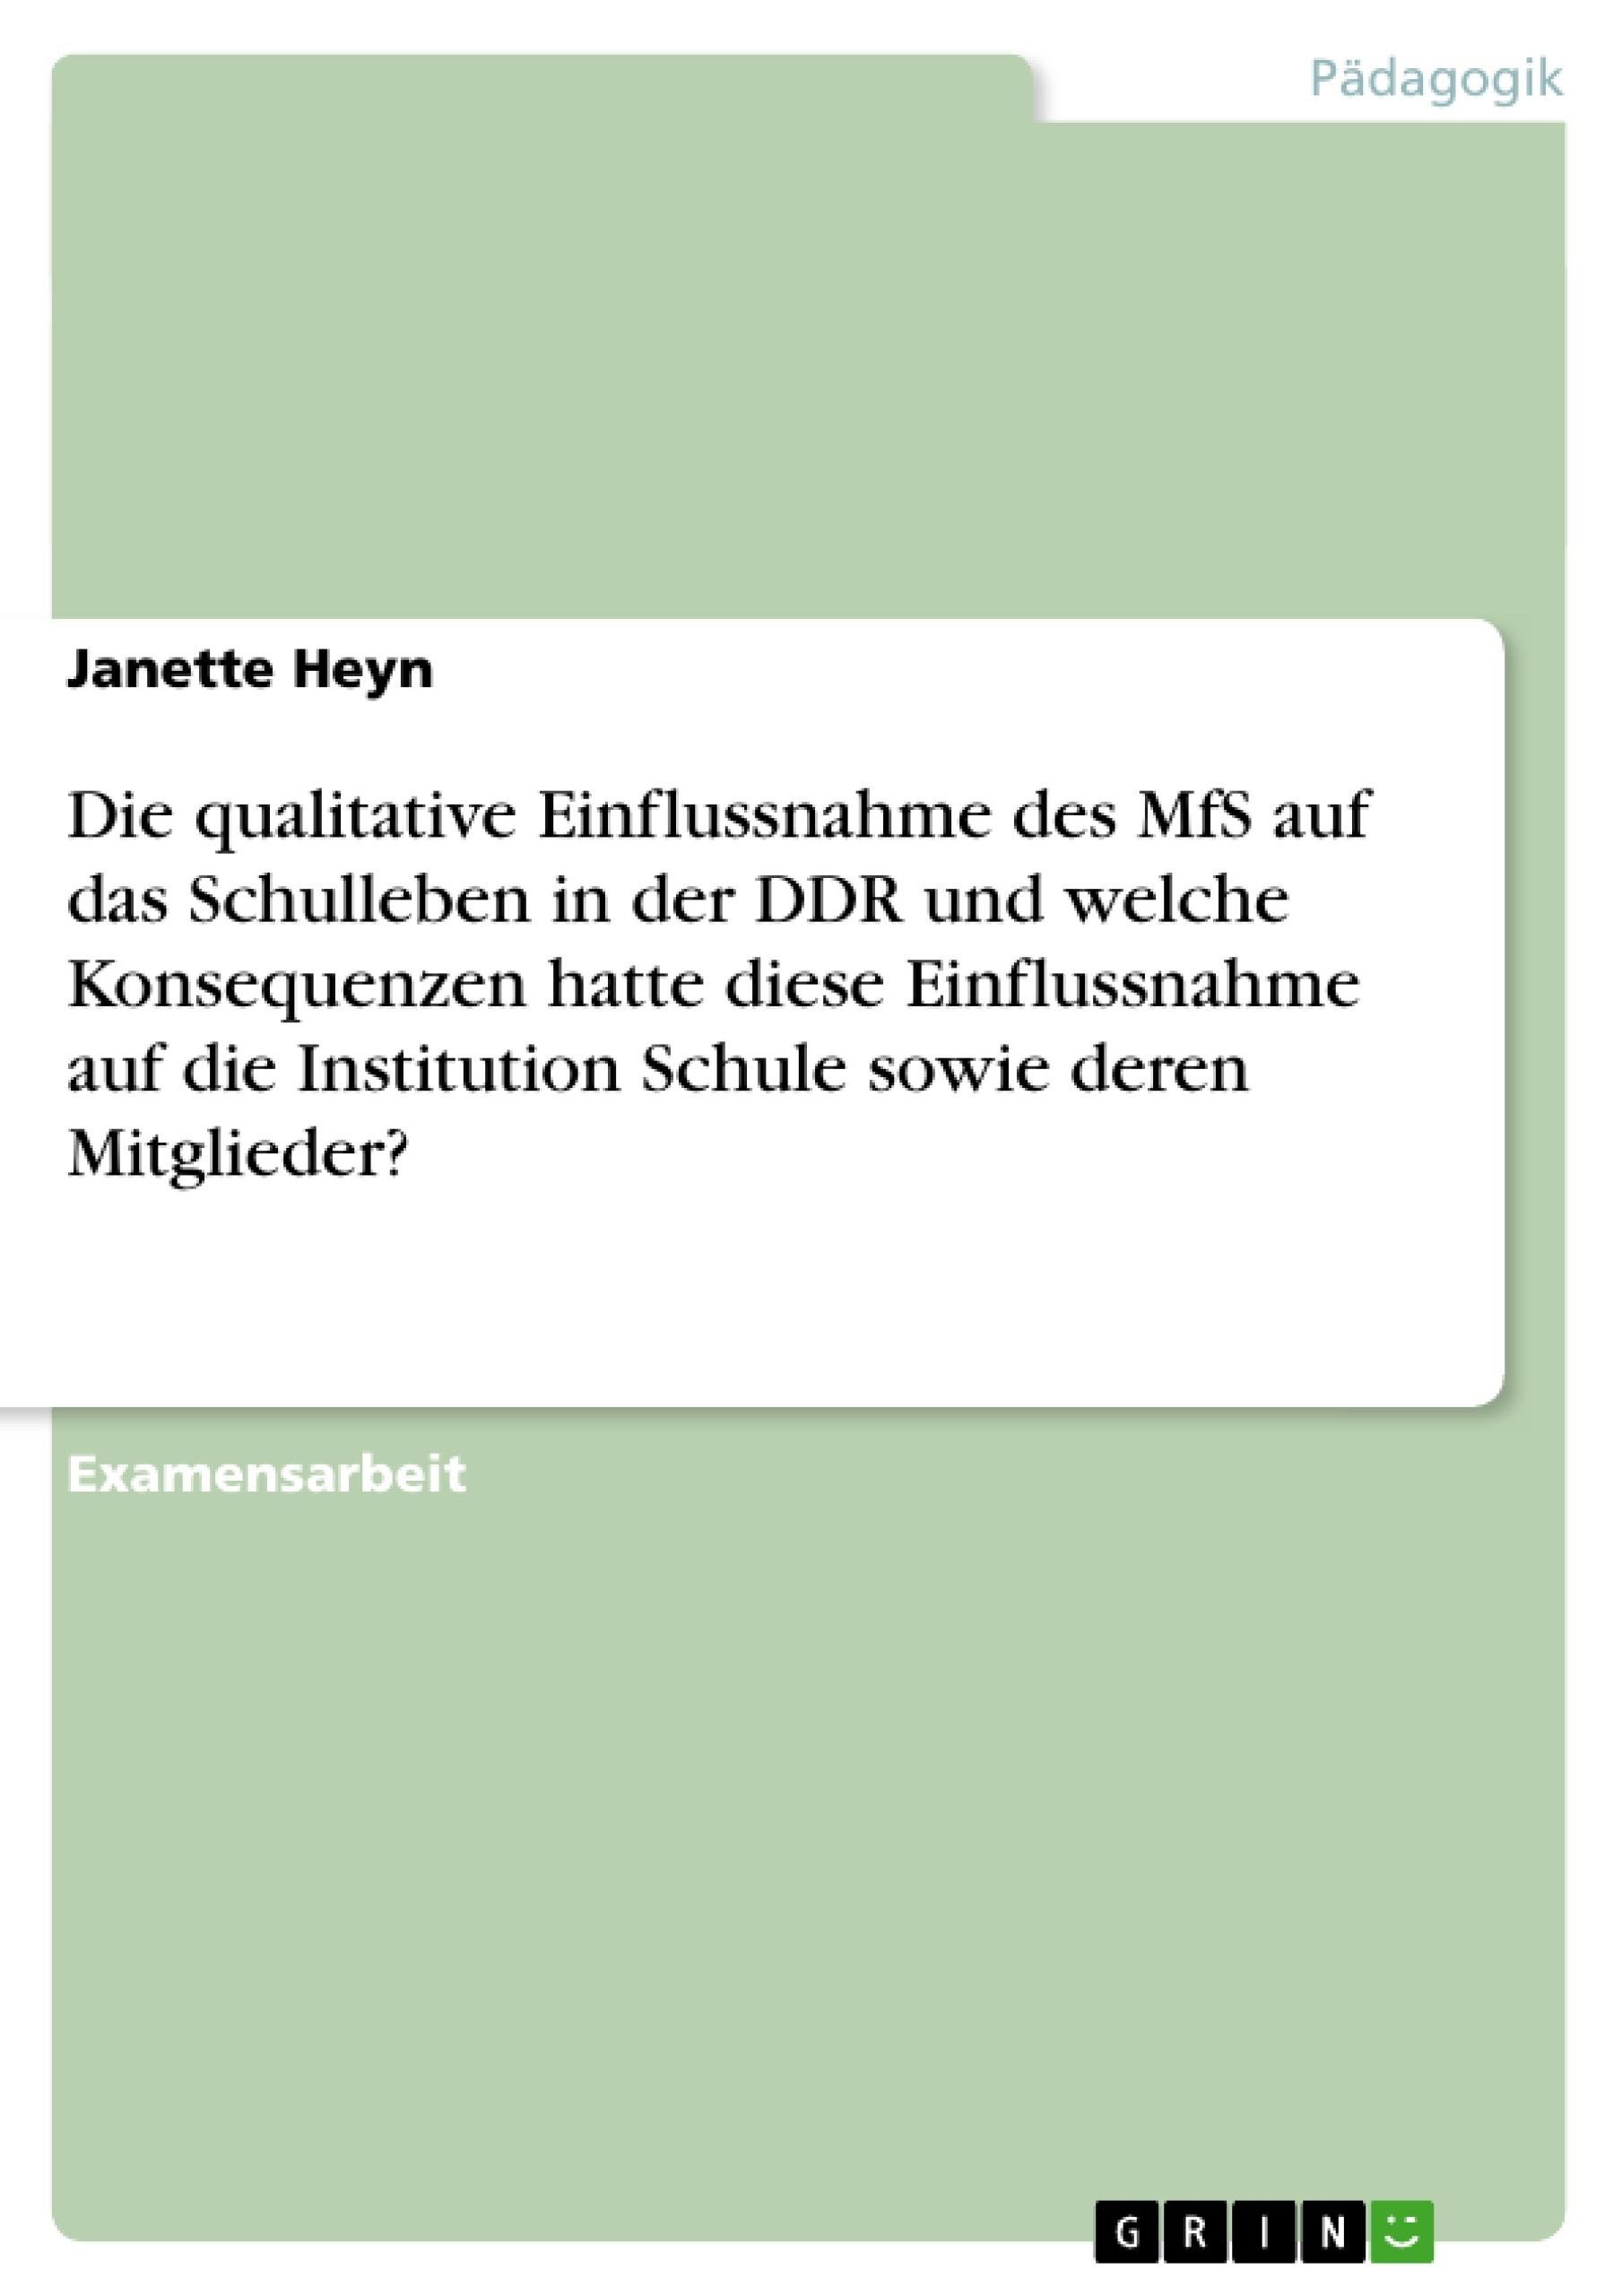 Titel: Die qualitative Einflussnahme des MfS auf das Schulleben in der DDR und welche Konsequenzen hatte diese Einflussnahme auf die Institution Schule sowie deren Mitglieder?